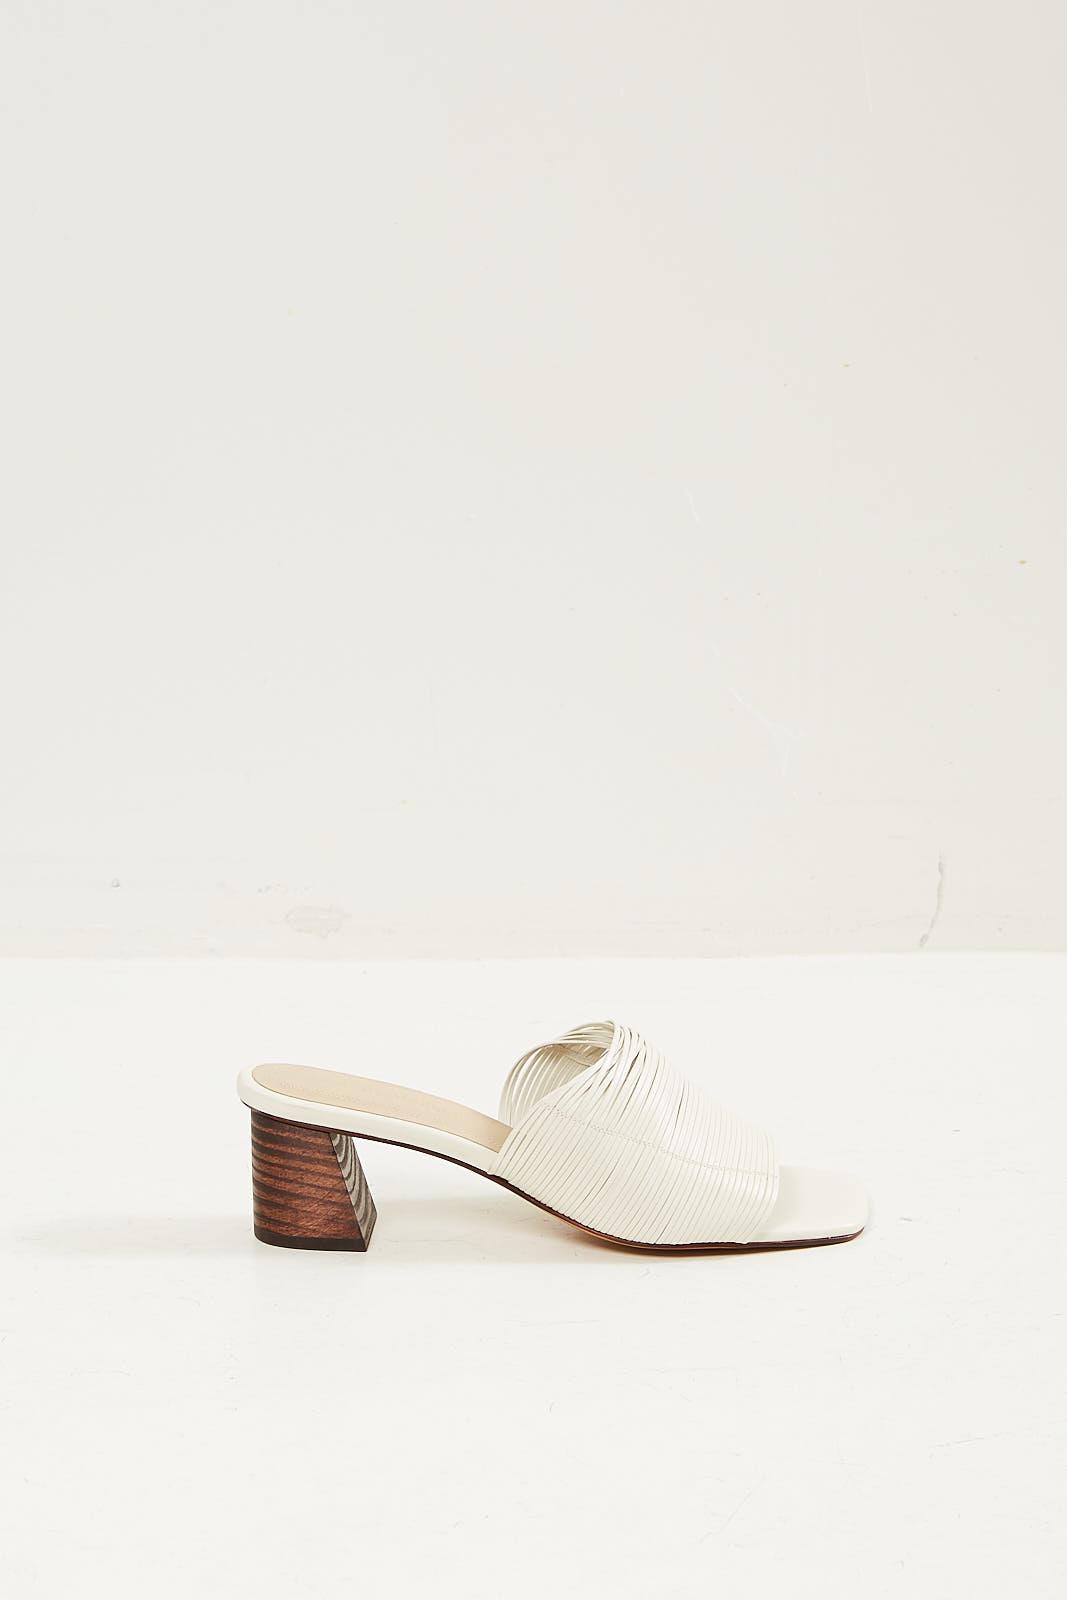 Mari Giudicelli - Gisele sandal off white